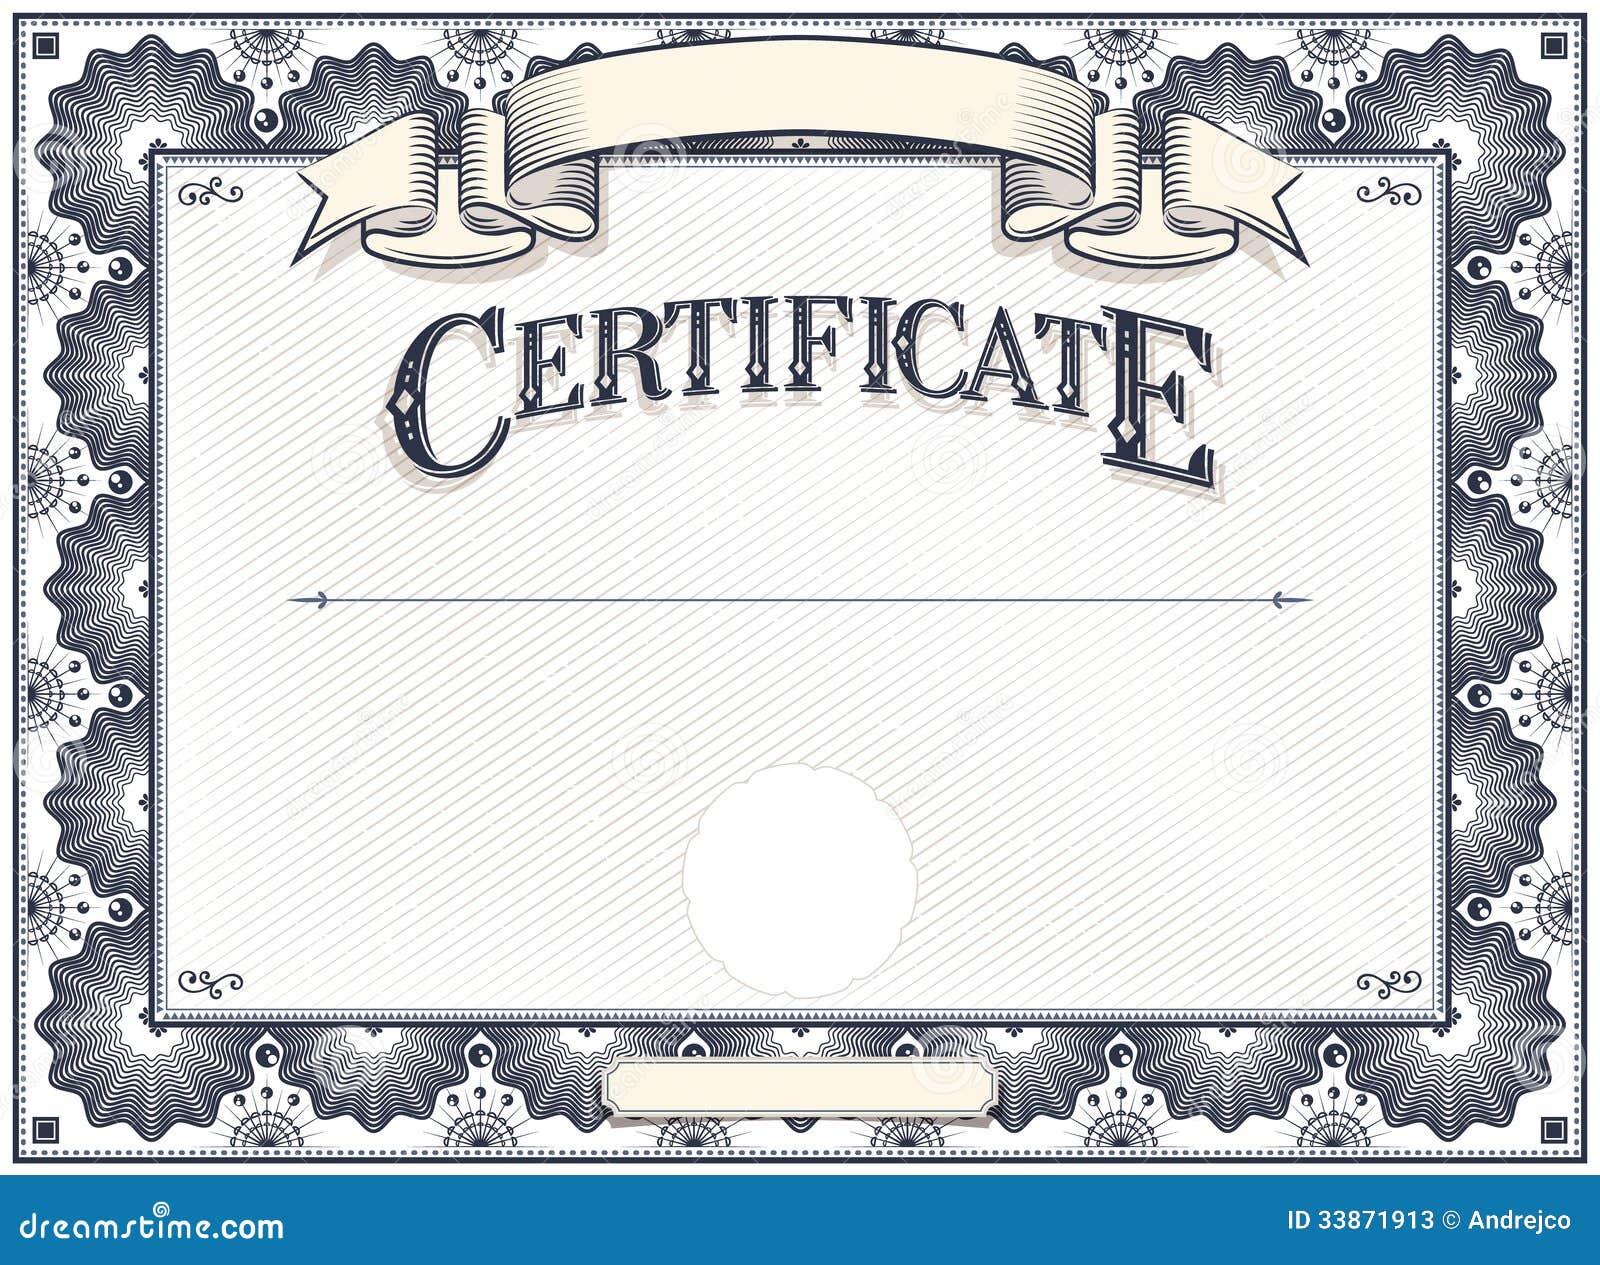 Шаблон сертификата или диплома Иллюстрация вектора изображение  Шаблон сертификата или диплома